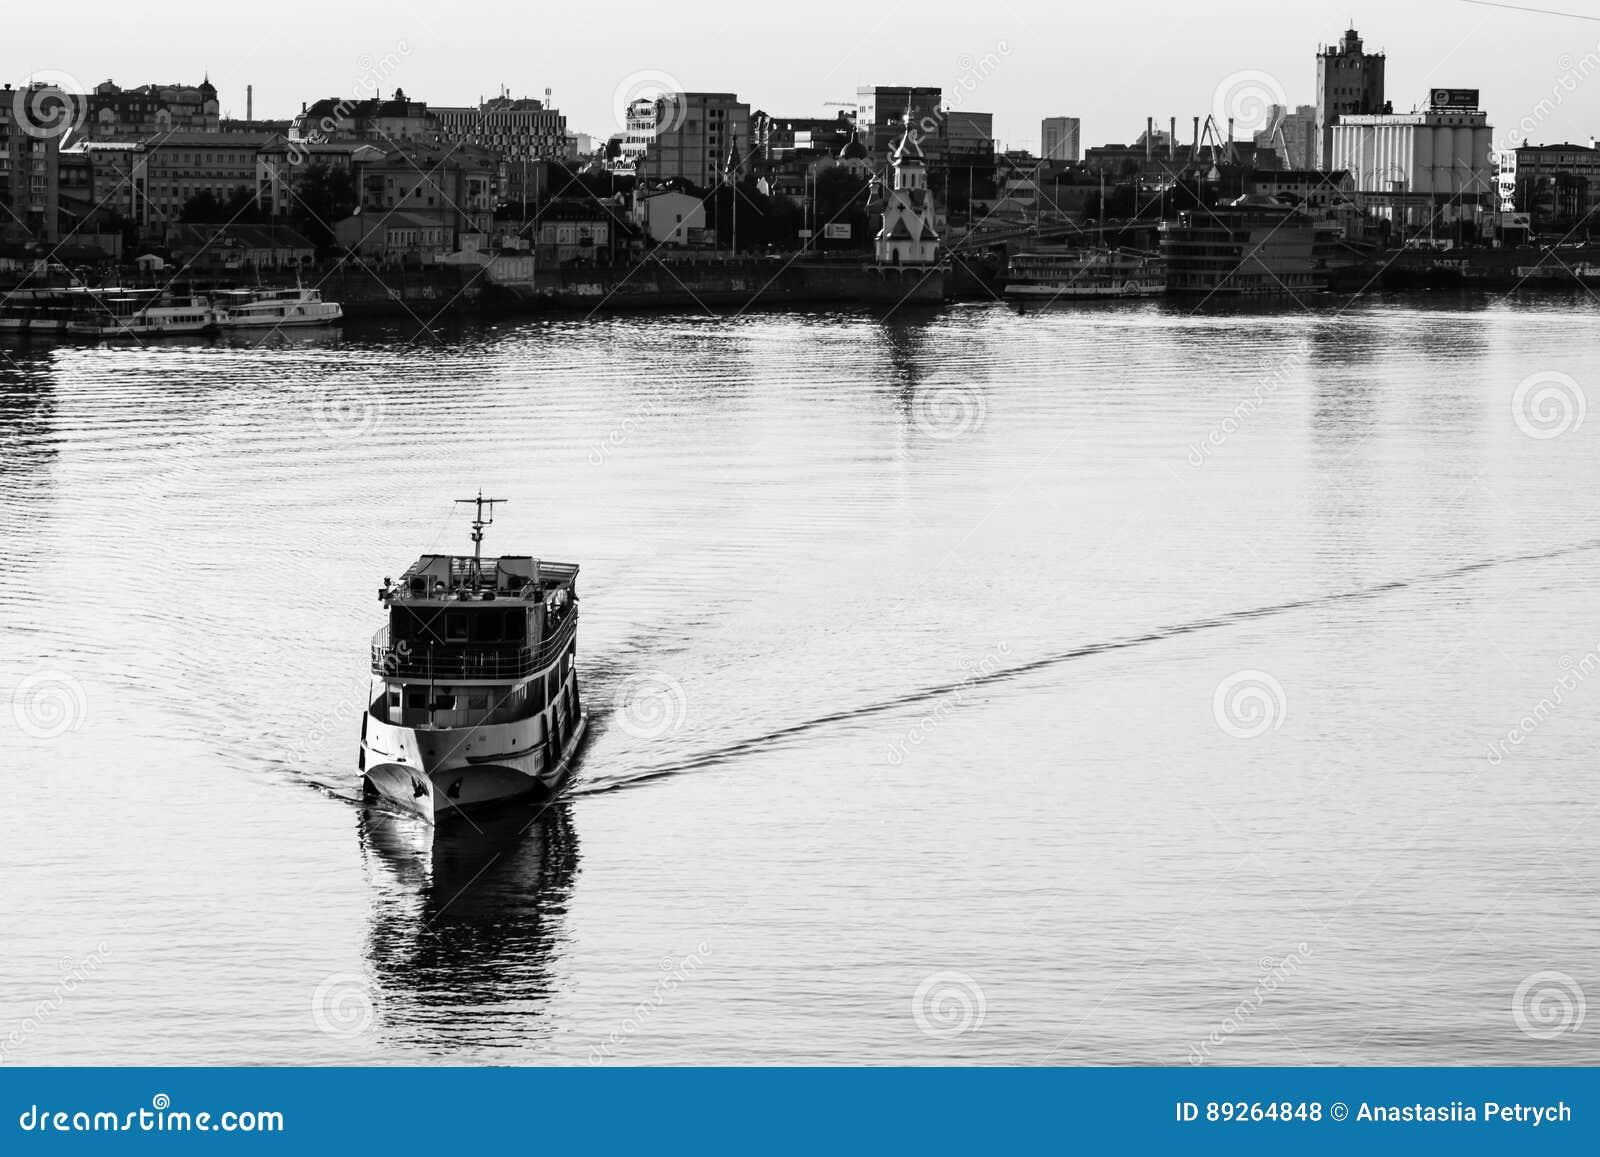 Wysyła żeglowanie w wodzie z miastem w tle